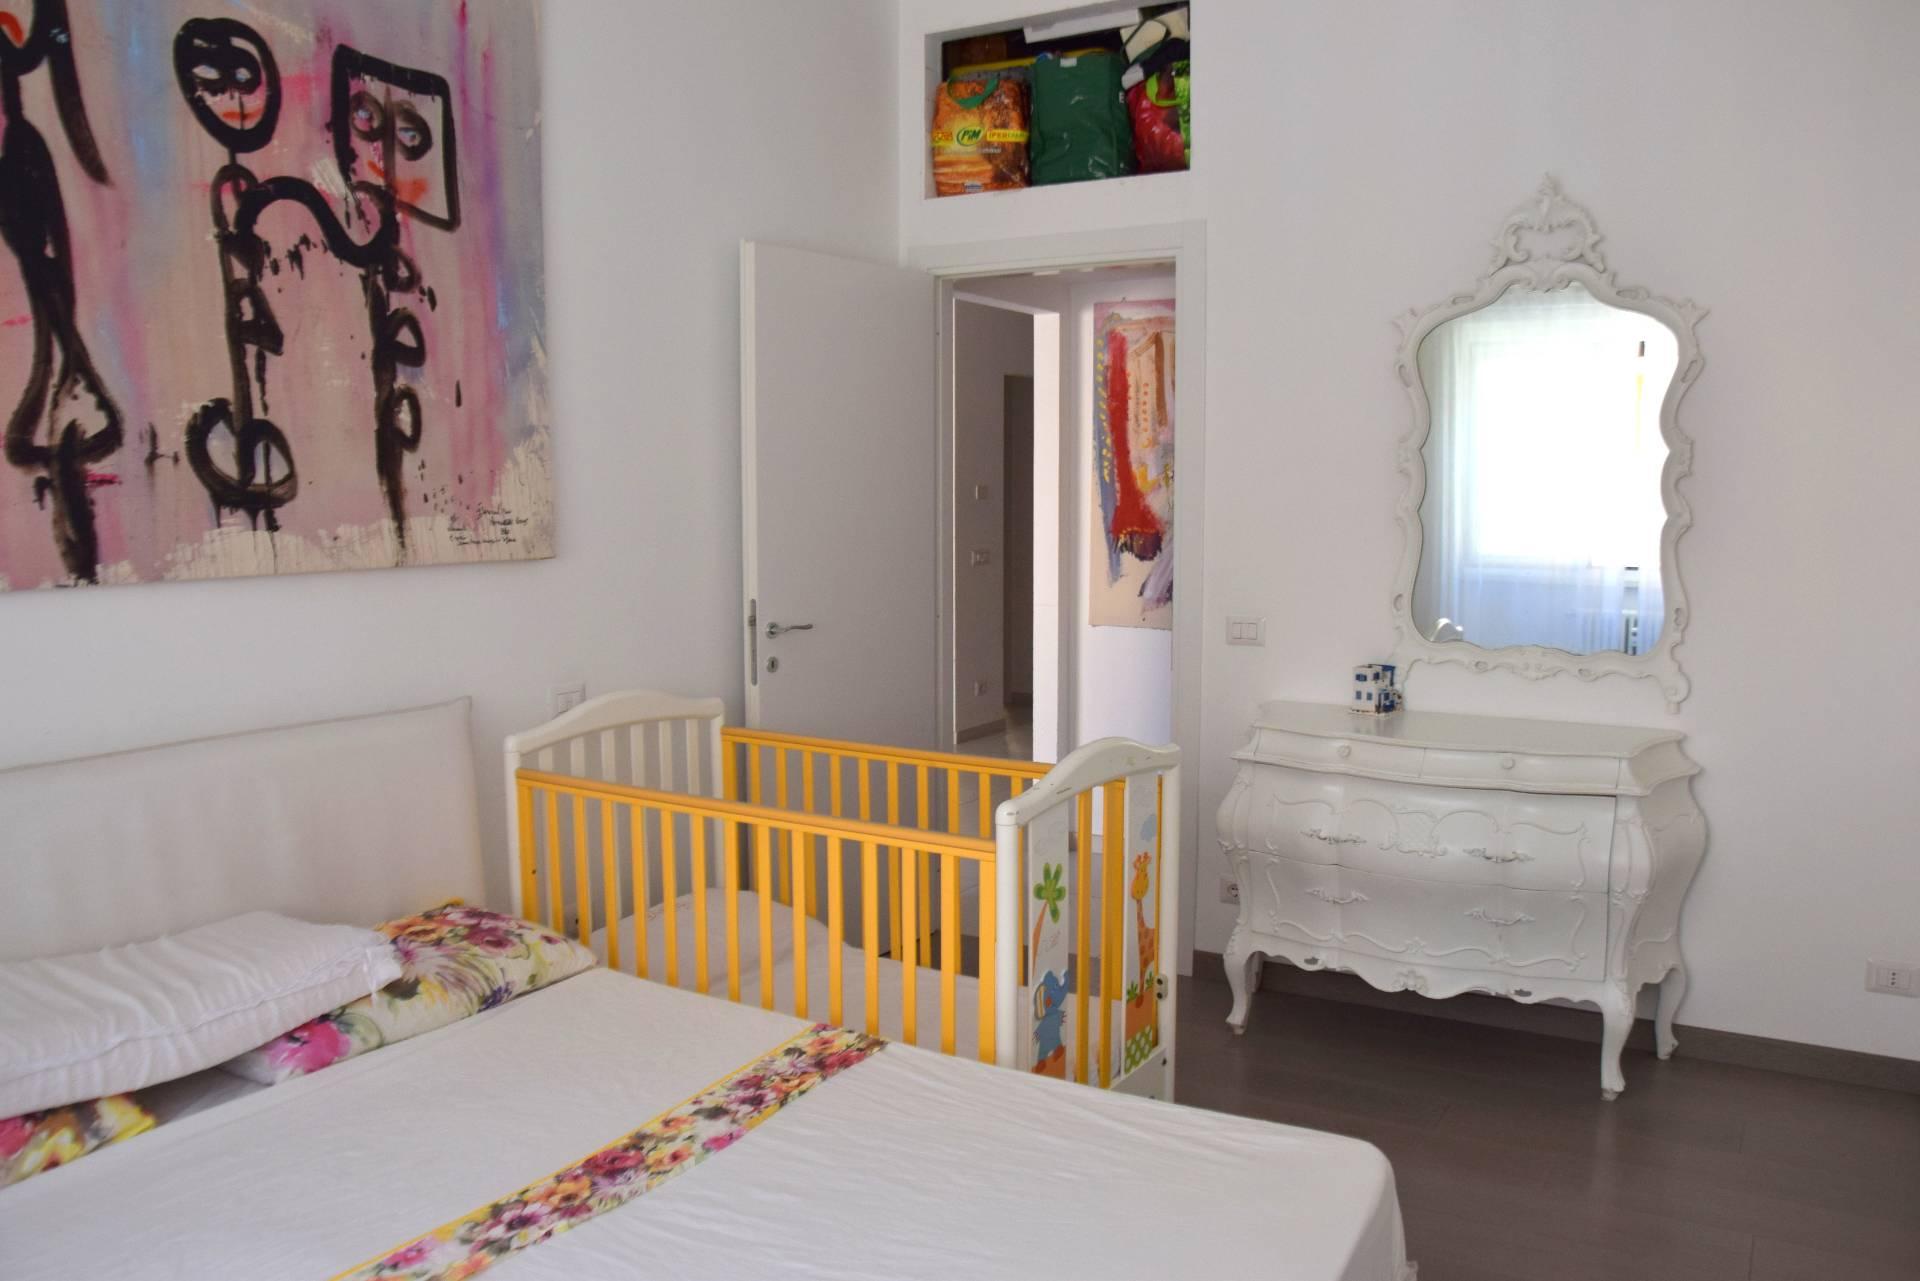 Cbi053 375 revoltella appartamento in vendita a roma for Appartamento new design roma lorenz